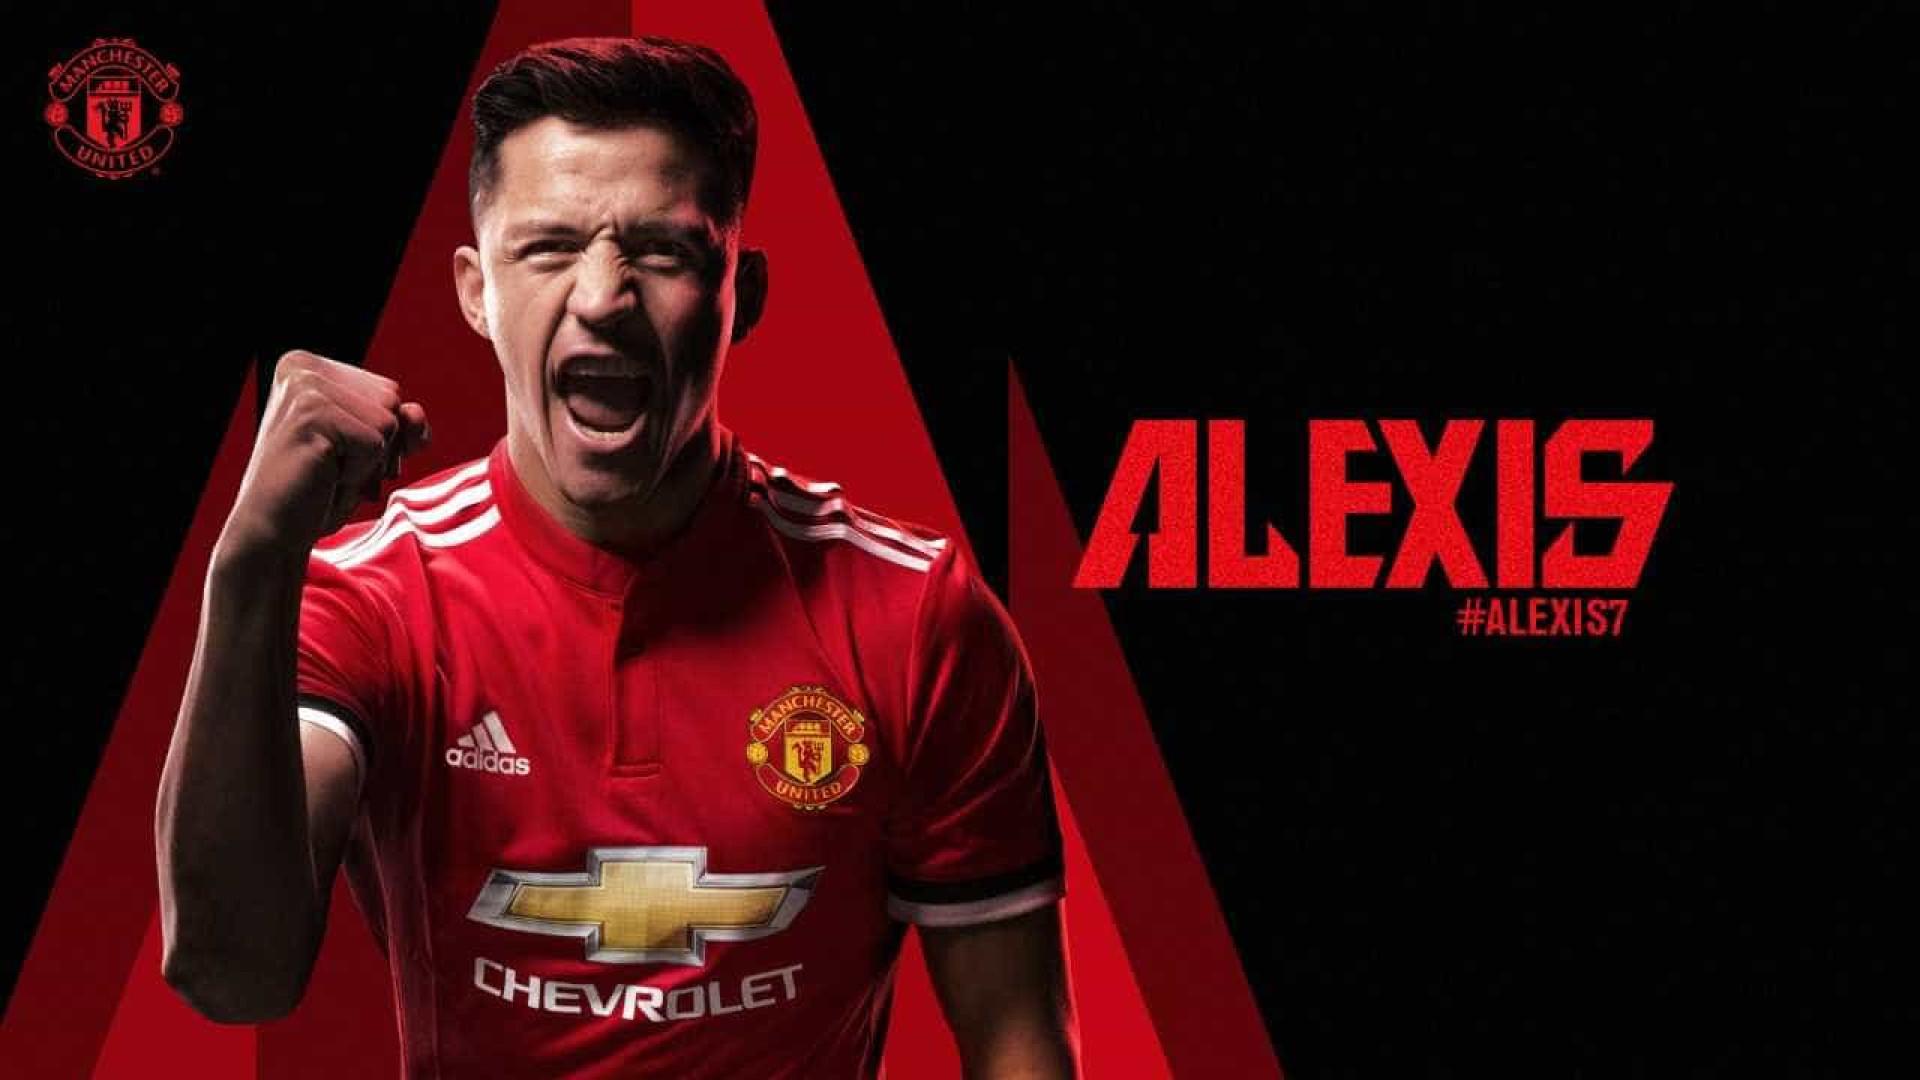 Oficial: Alexis Sánchez é jogador do Manchester United